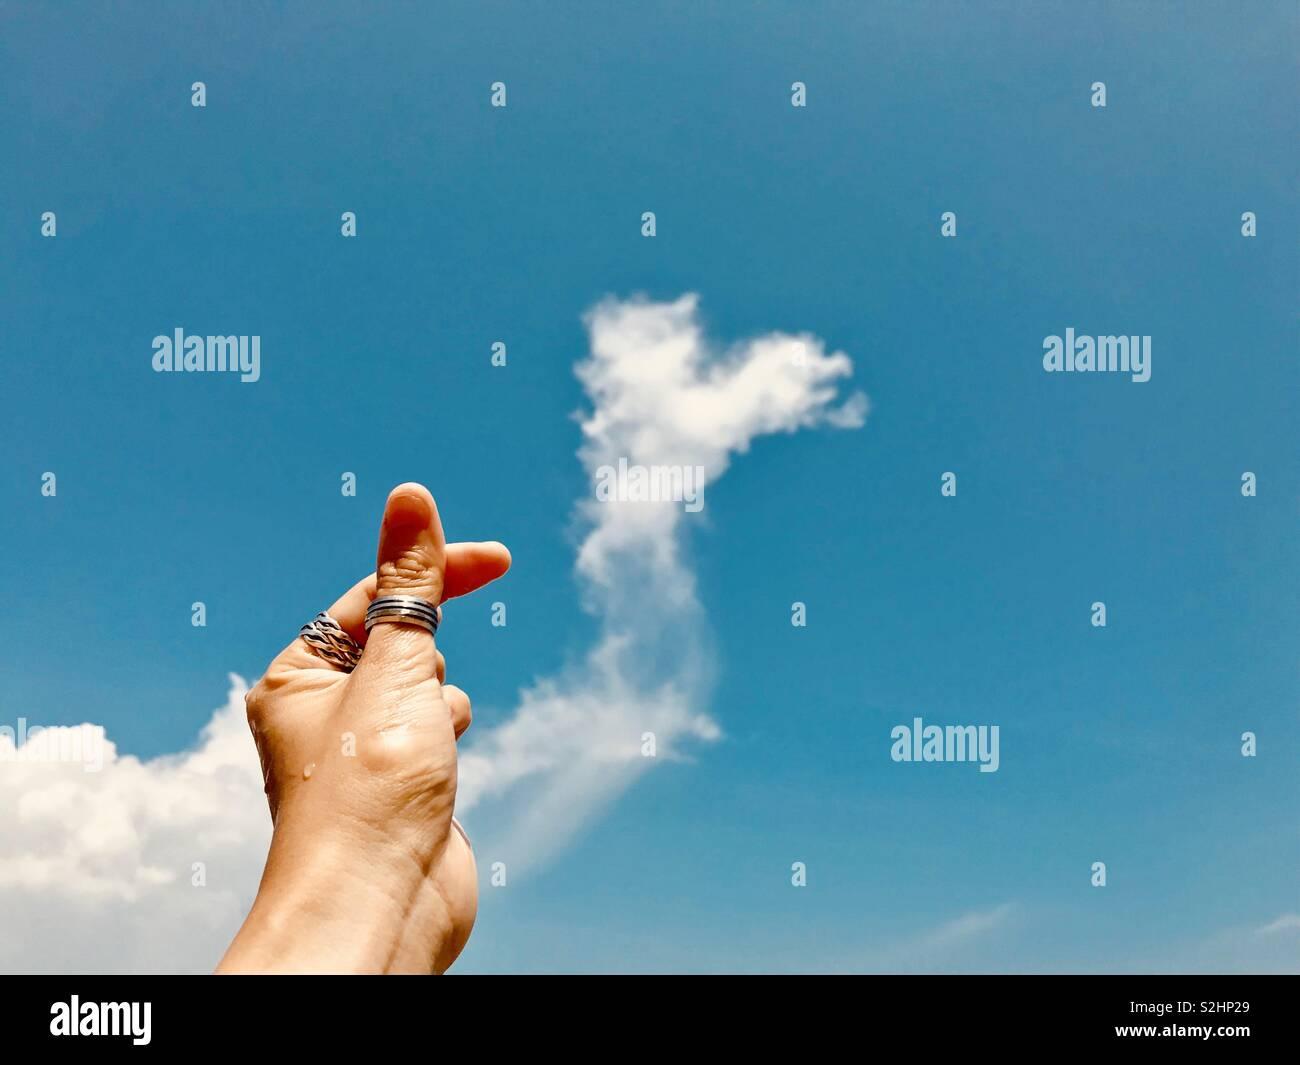 La vita è Amore. Foto Stock